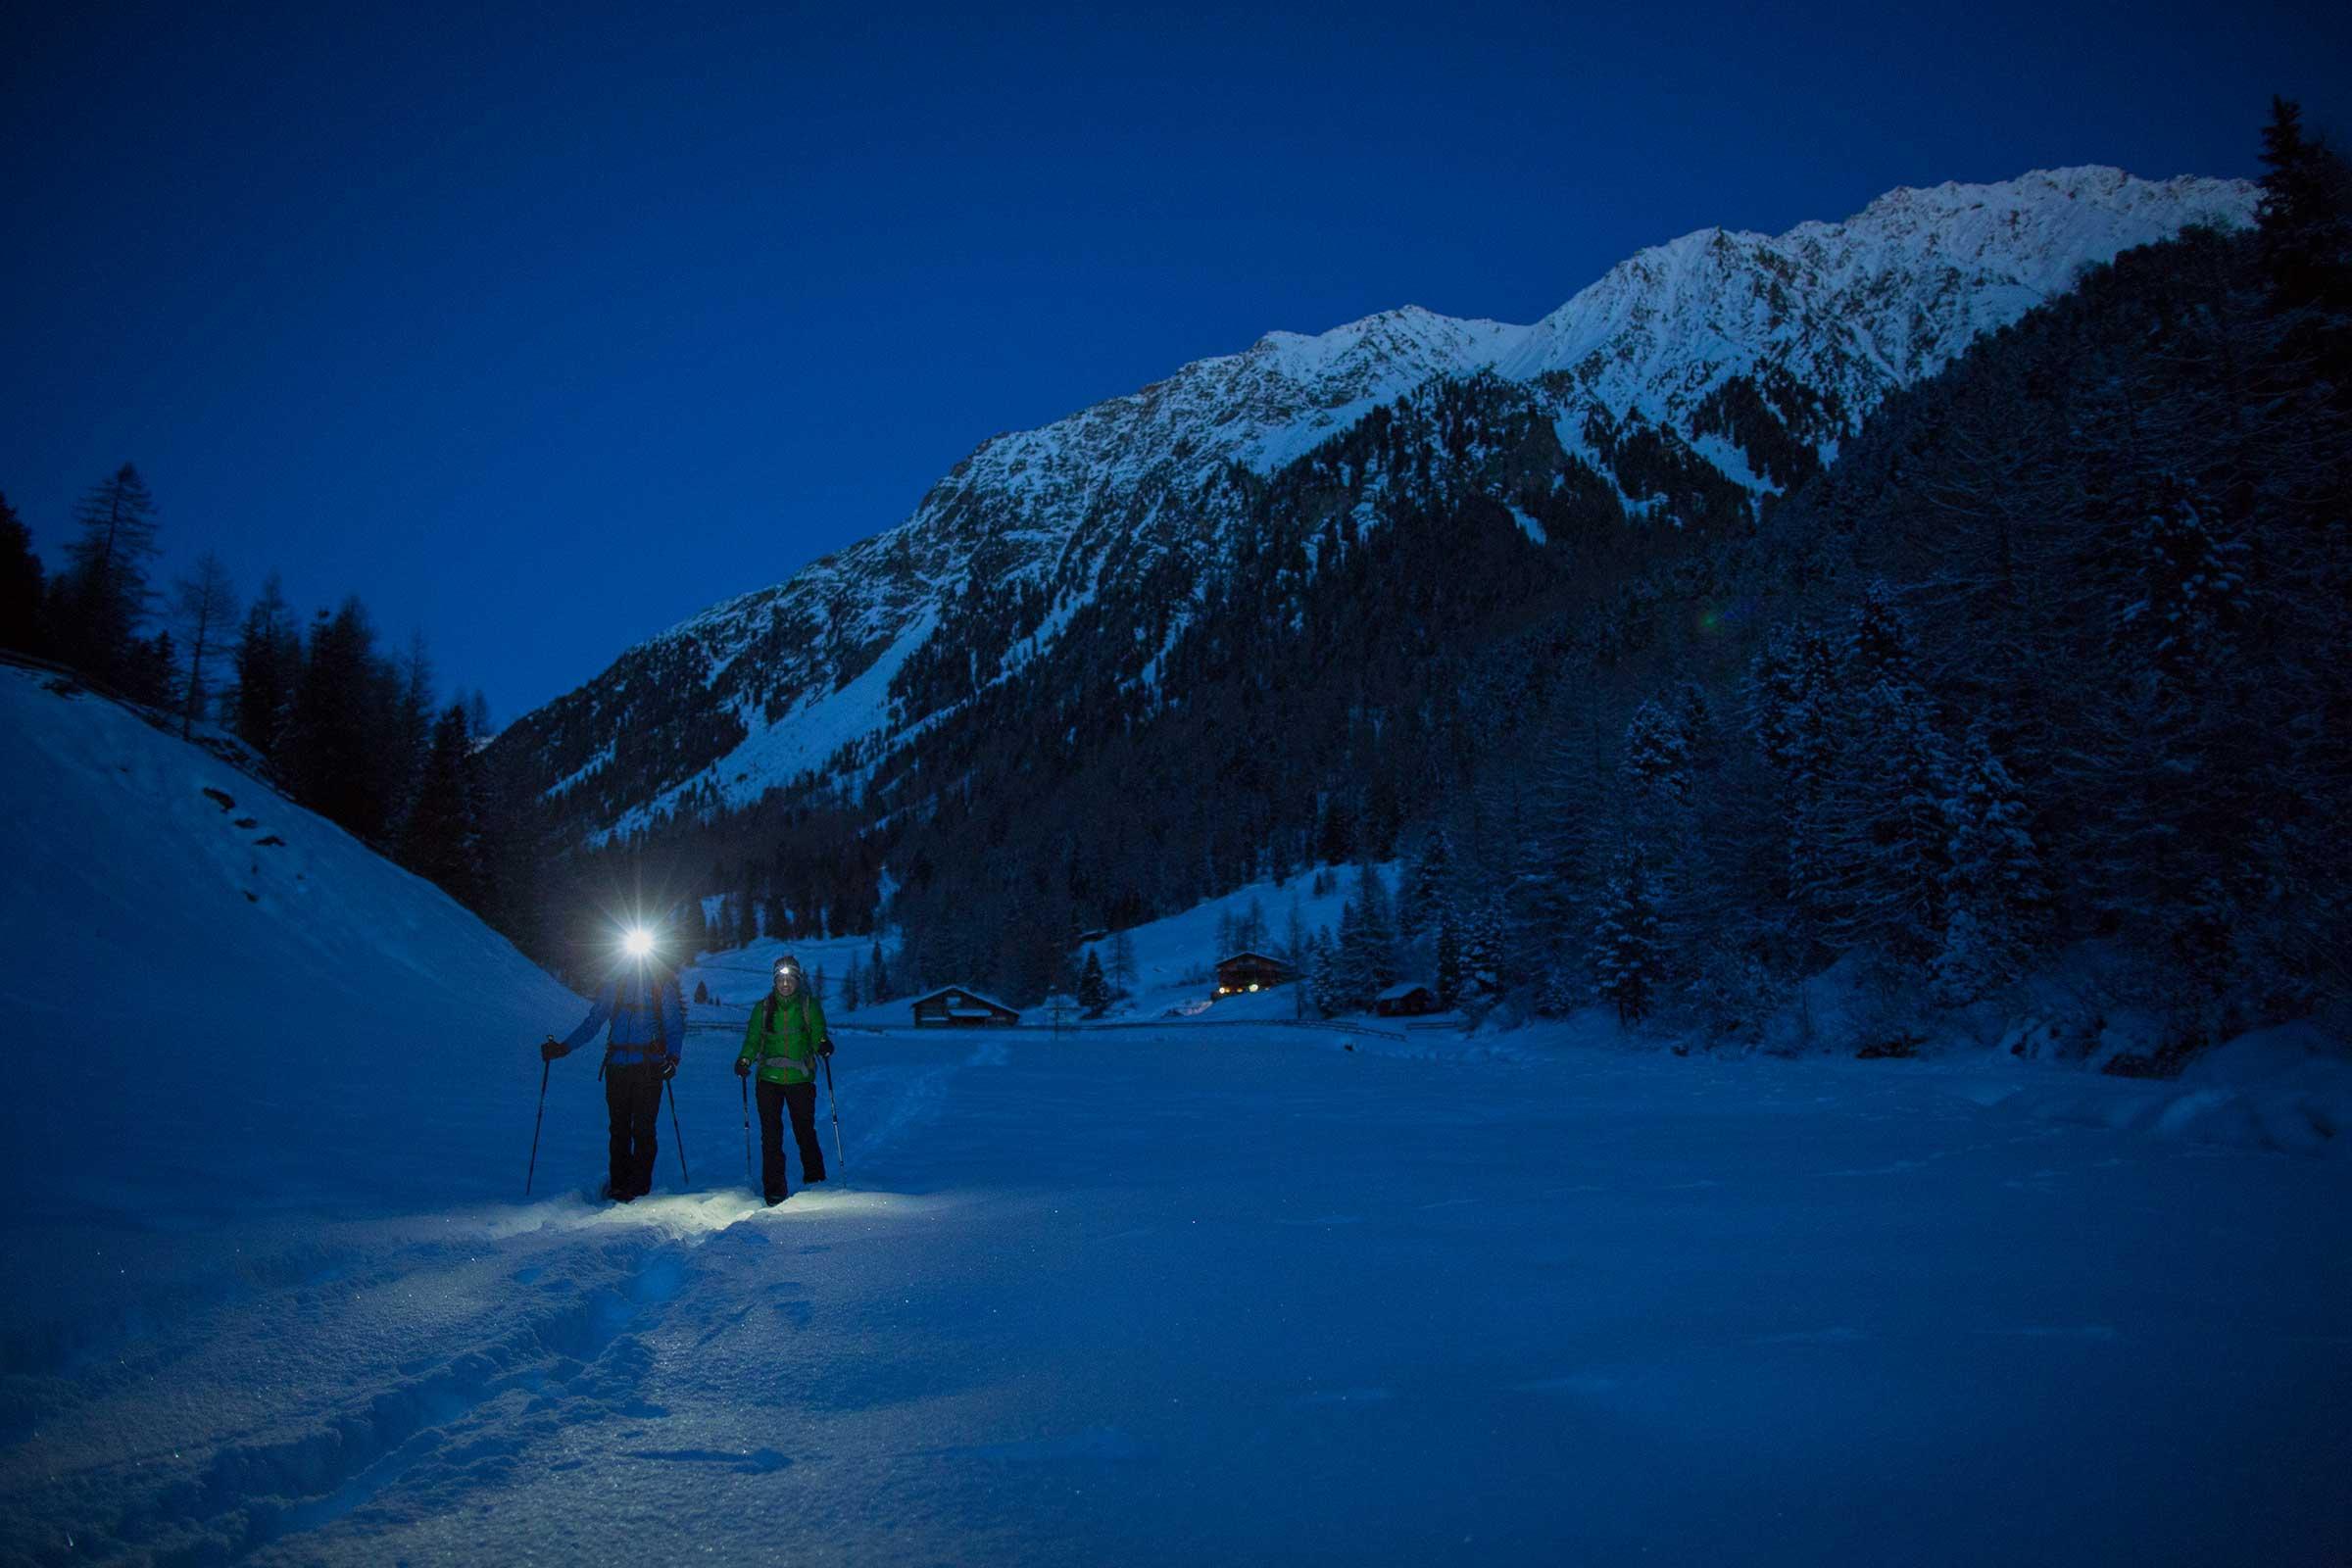 Schneeschuhwanderer bei Nacht - Silvester Sölden